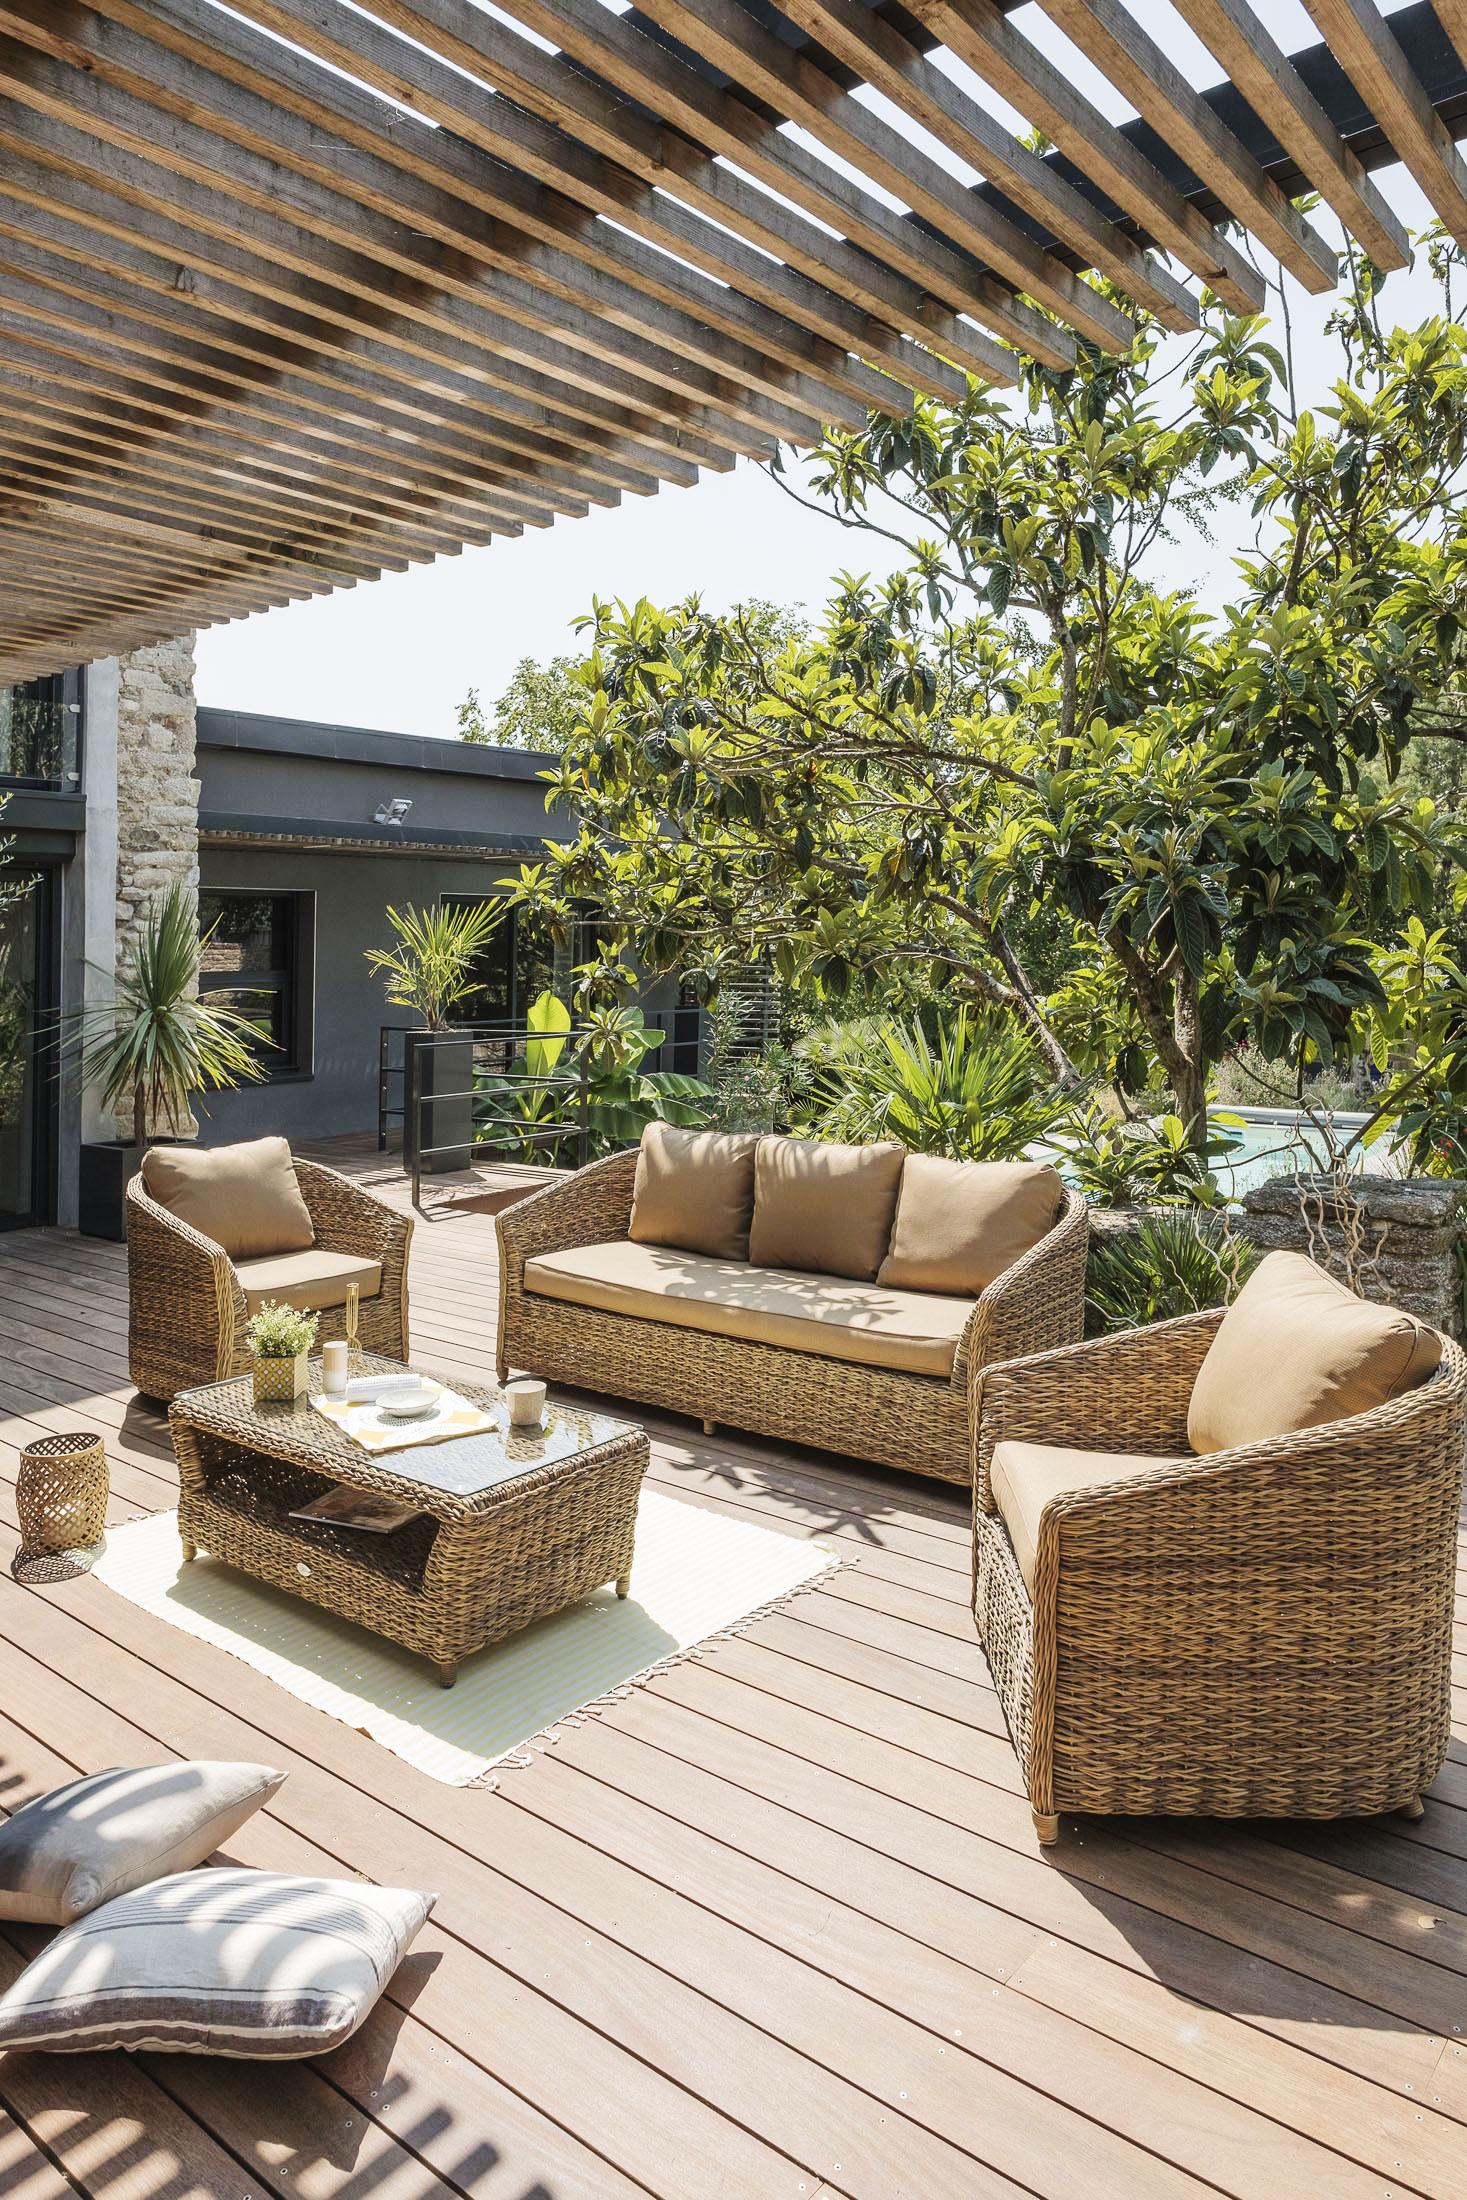 Ambiance extérieur d'un salon de jardin devant une maison ensoleilé